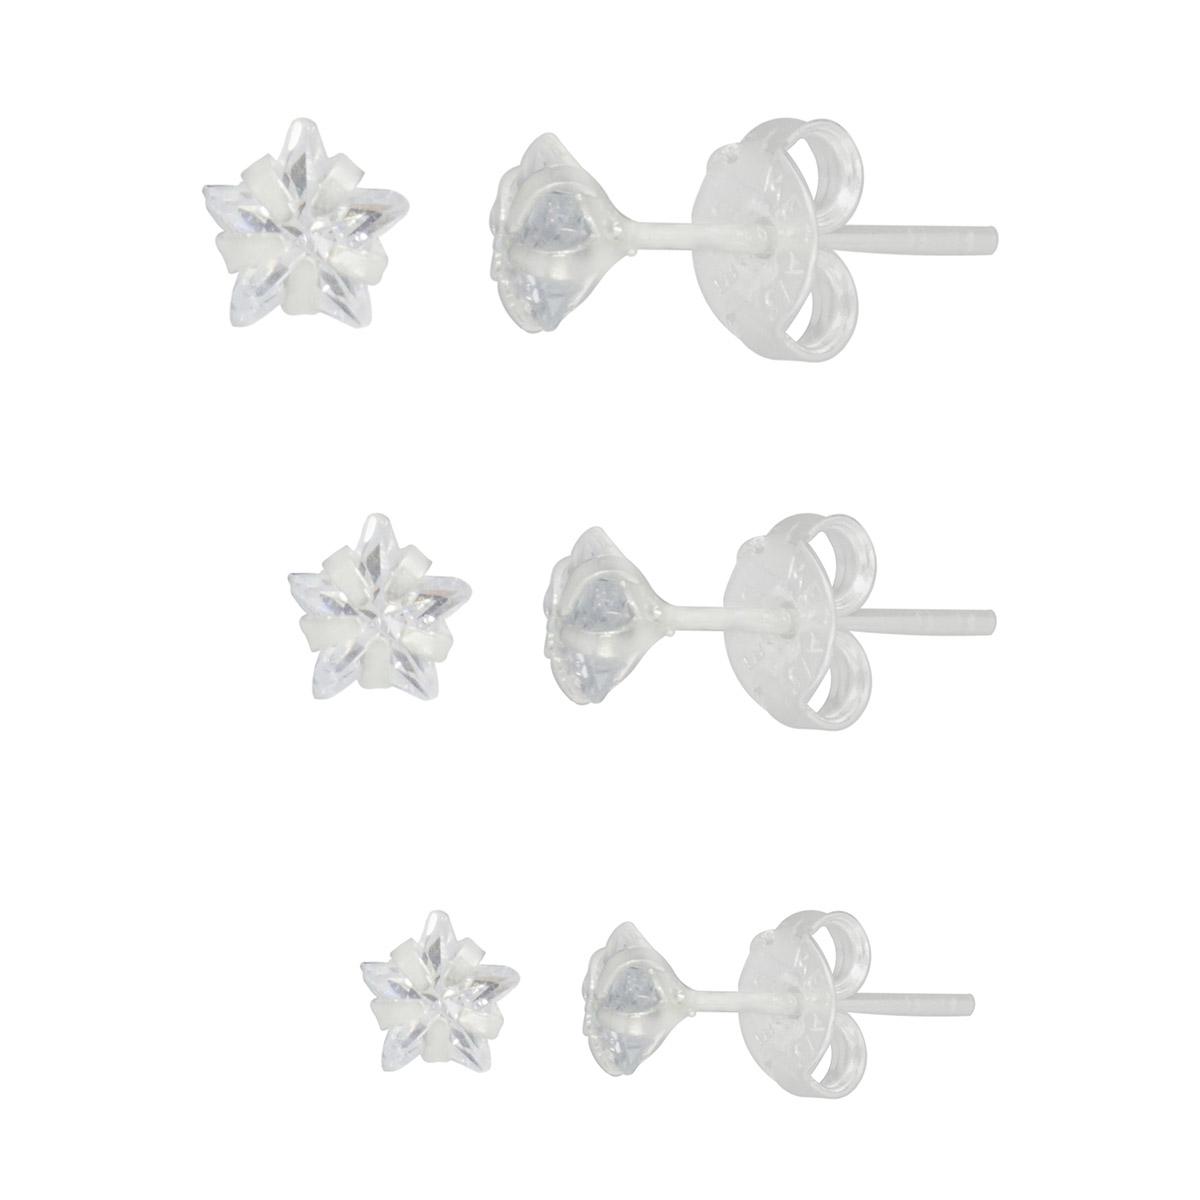 Brinco Trio joia prata 925 maciça com Zircônia em estrela P